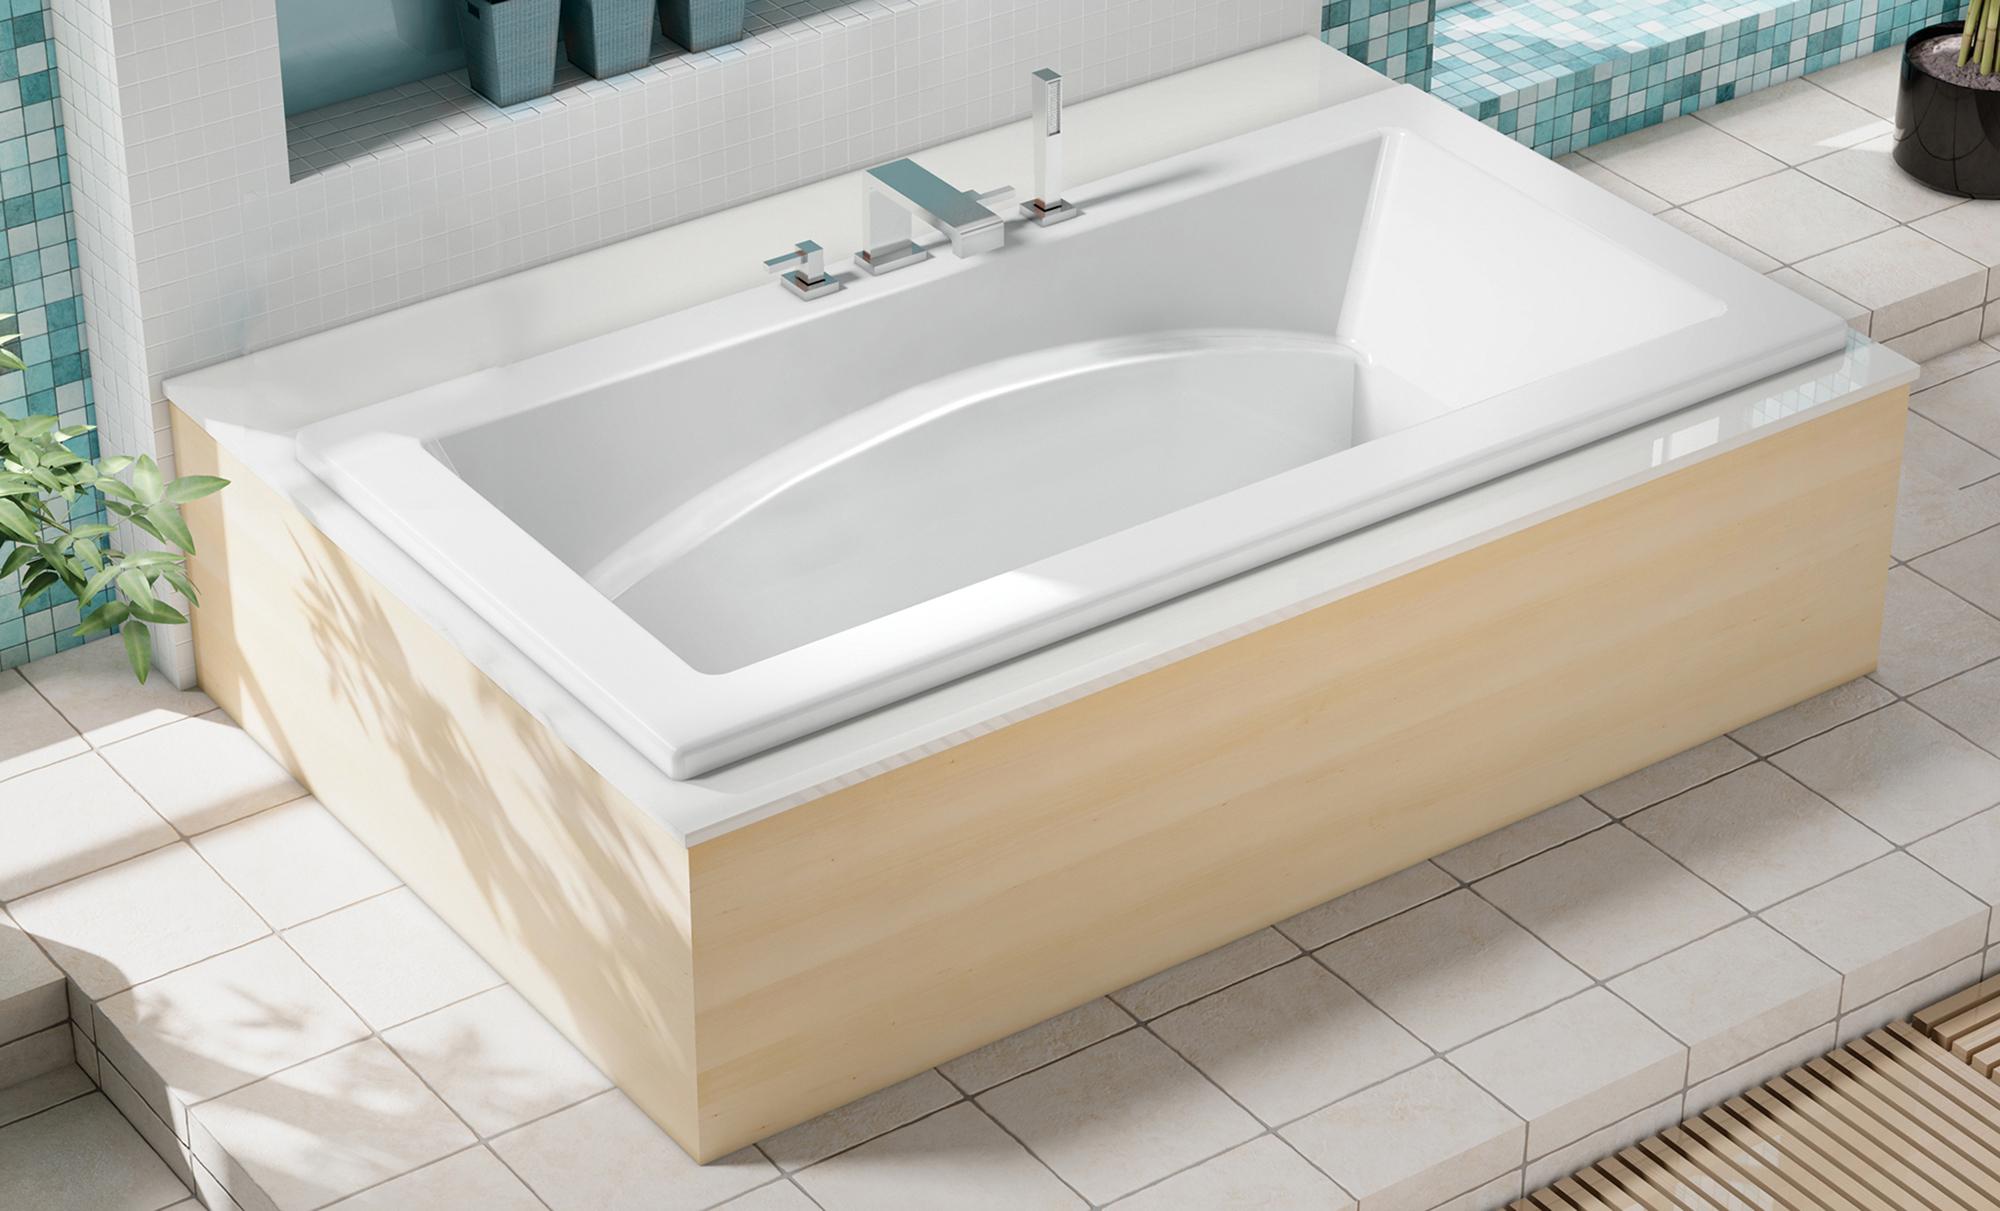 Bain d cor matane plomberie et accessoires de salle de bain for Je decore salle de bain